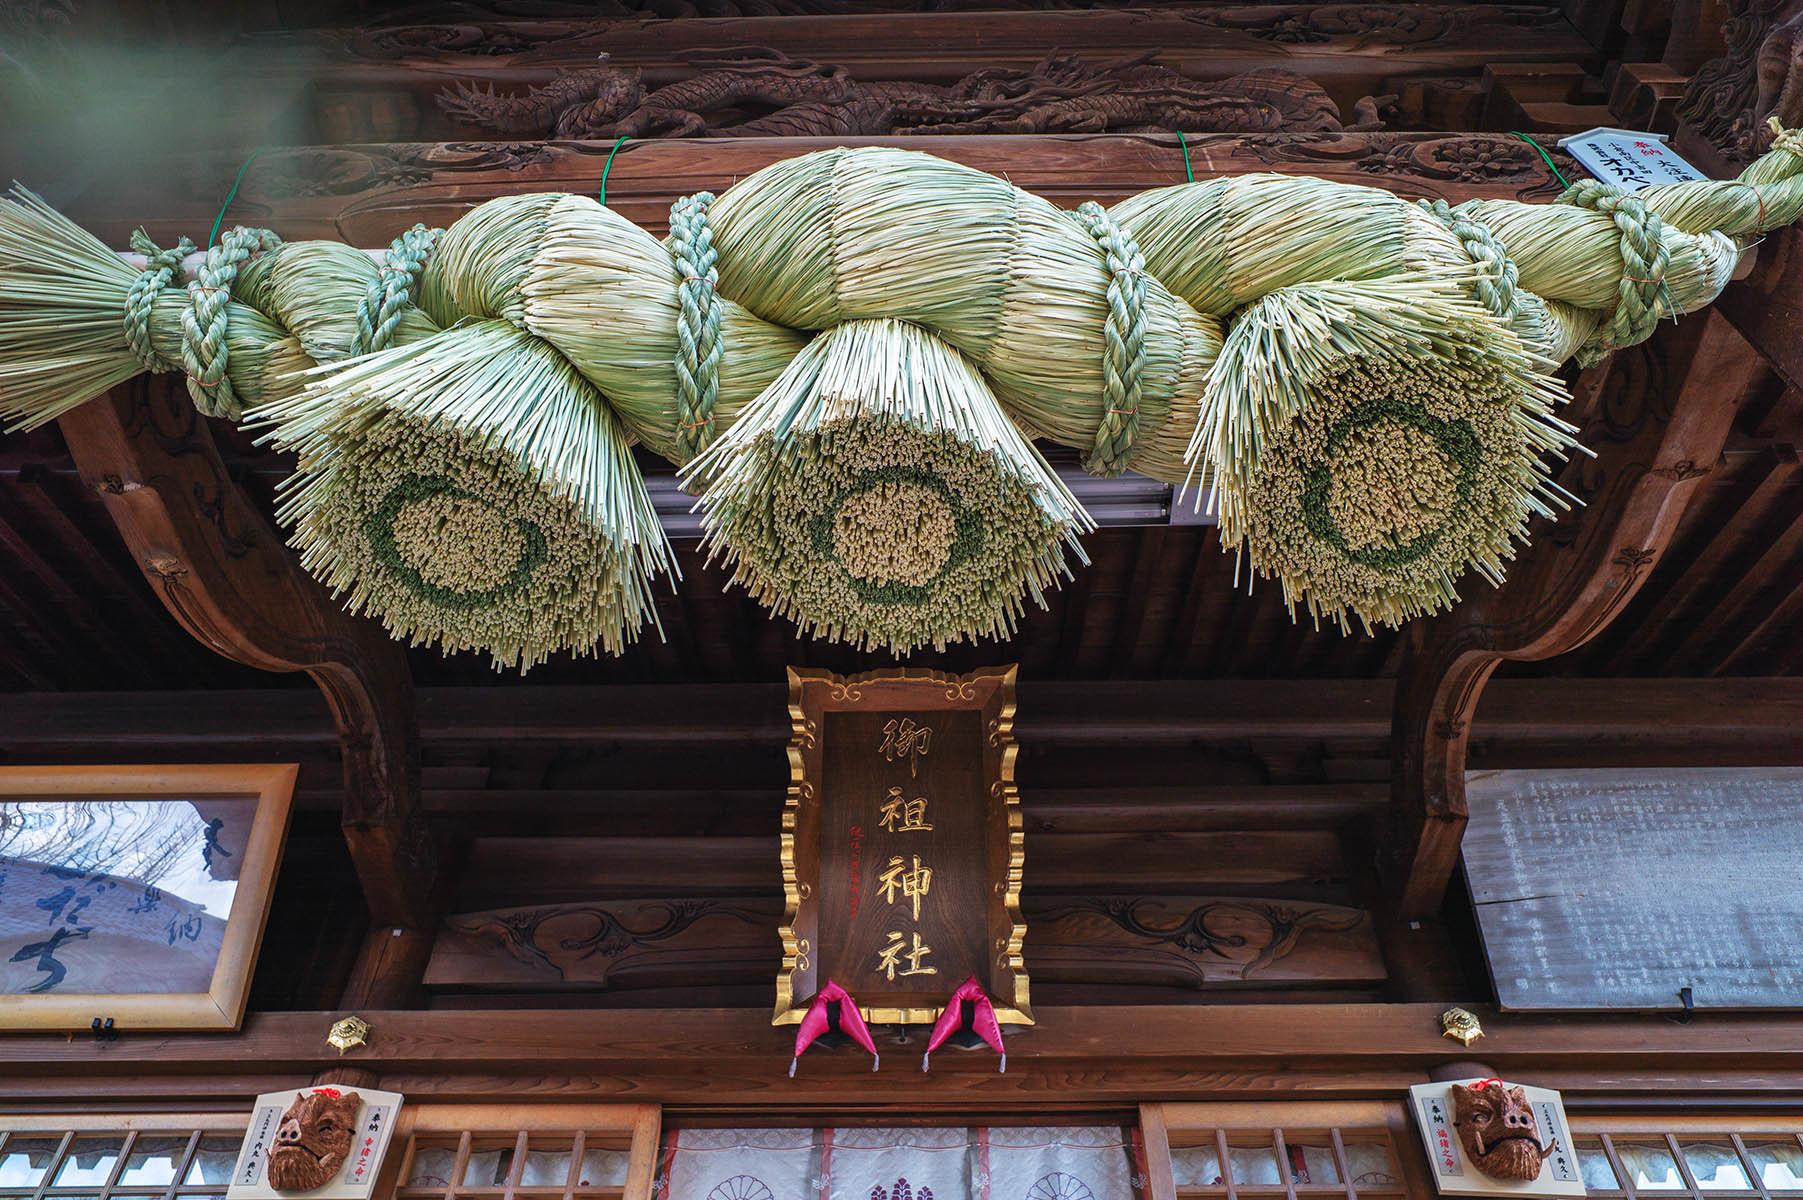 妙見宮御祖神社の大注連縄_c0028861_14163130.jpg